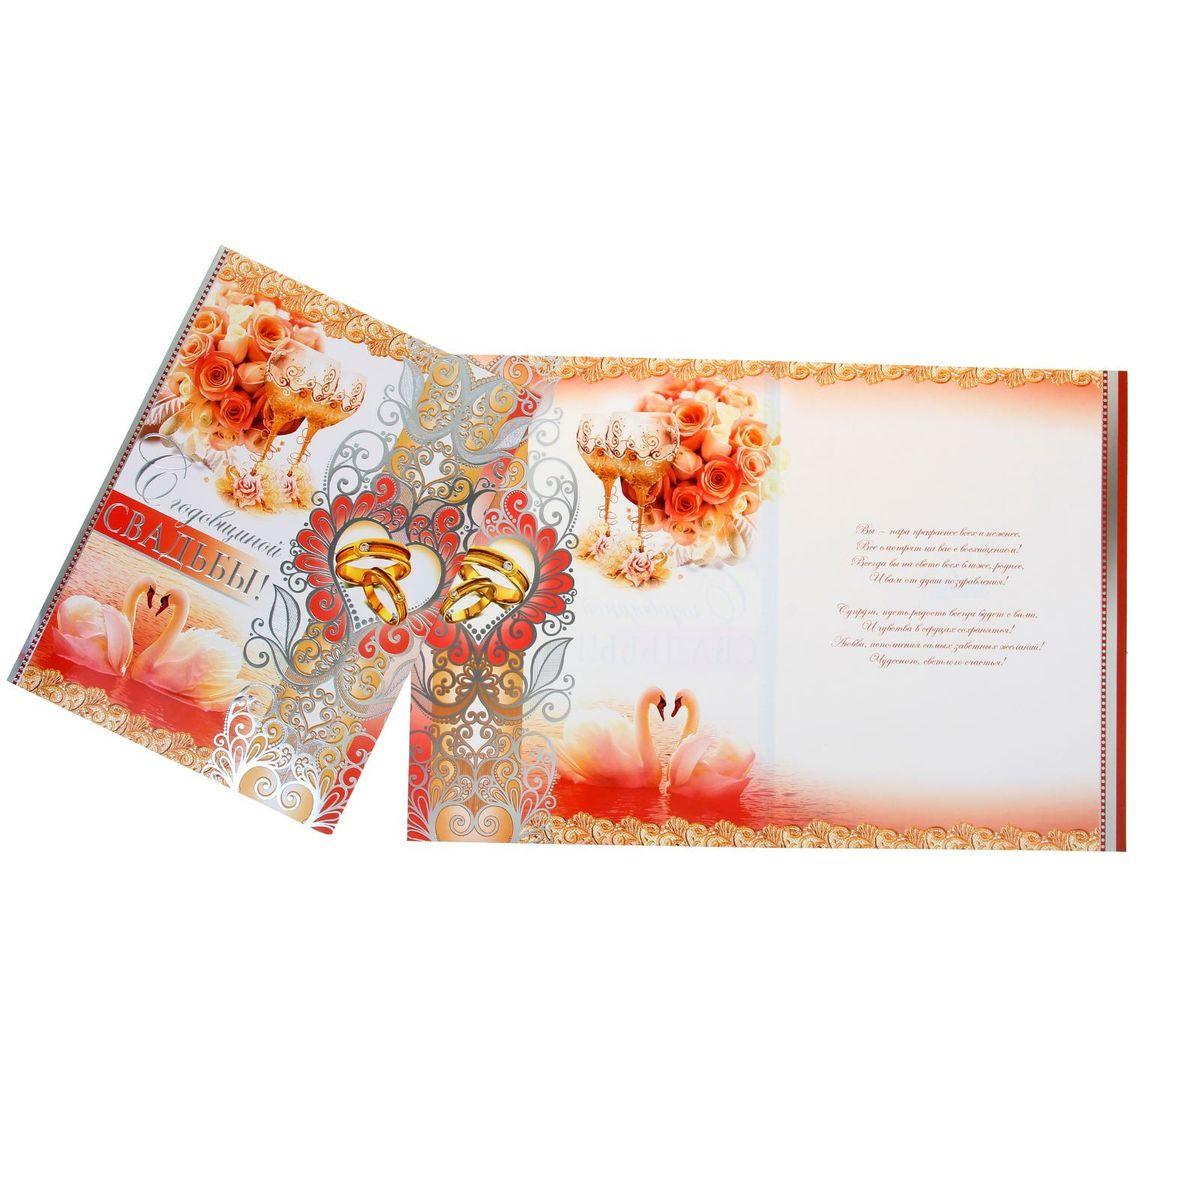 Открытка Атмосфера праздника С днем свадьбы!Брелок для ключейЕсли вы хотите порадовать себя или близких, создать праздничное настроение и с улыбкой провести памятный день, то вы, несомненно, сделали правильный выбор! Открытка Атмосфера праздника С днем свадьбы!, выполненная из плотной бумаги, отличается не только оригинальным дизайном, но и высоким качеством.Лицевая сторона изделия оформлена ярким изображением. Внутри открытка содержит текст с поздравлением.Такая открытка непременно порадует получателя и станет отличным напоминанием о проведенном вместе времени.